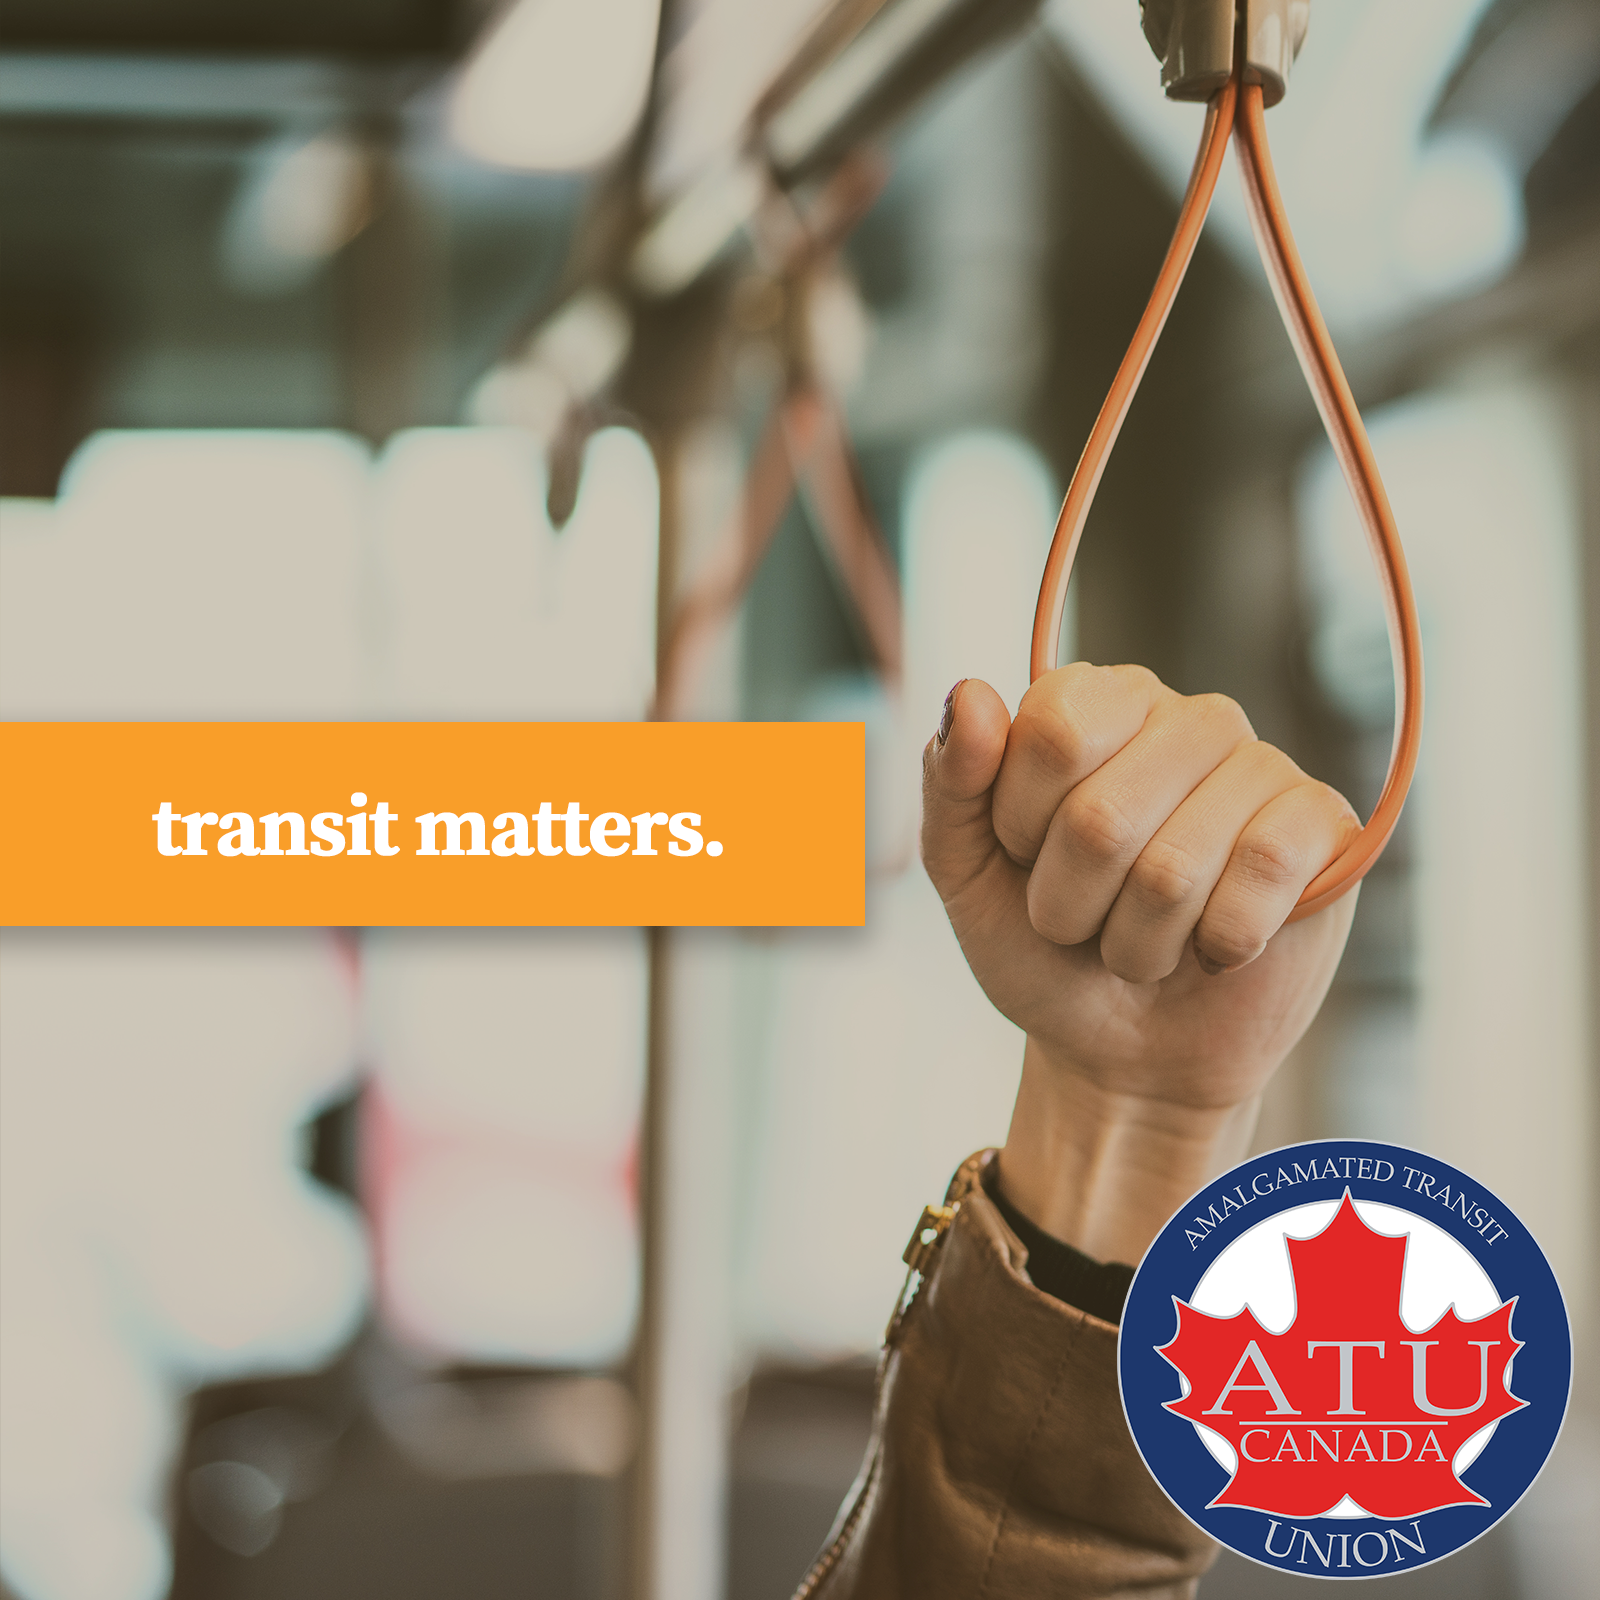 Transit Matters hand